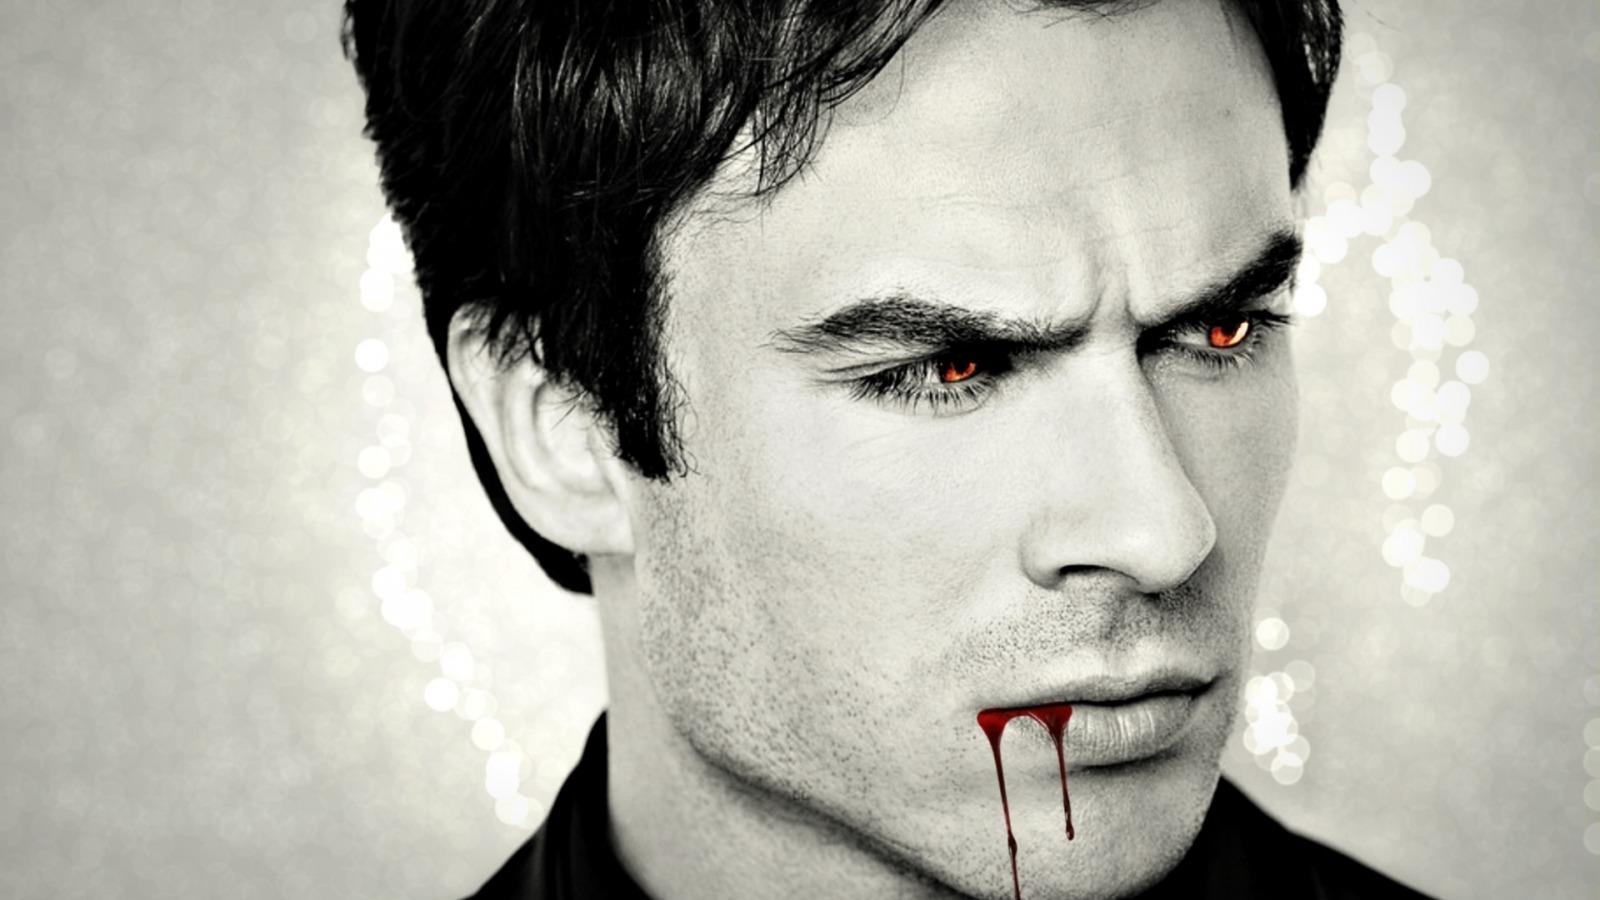 Фото Американский актер Ян Сомерхолдер / Ian Somerhalder с кровью на губах